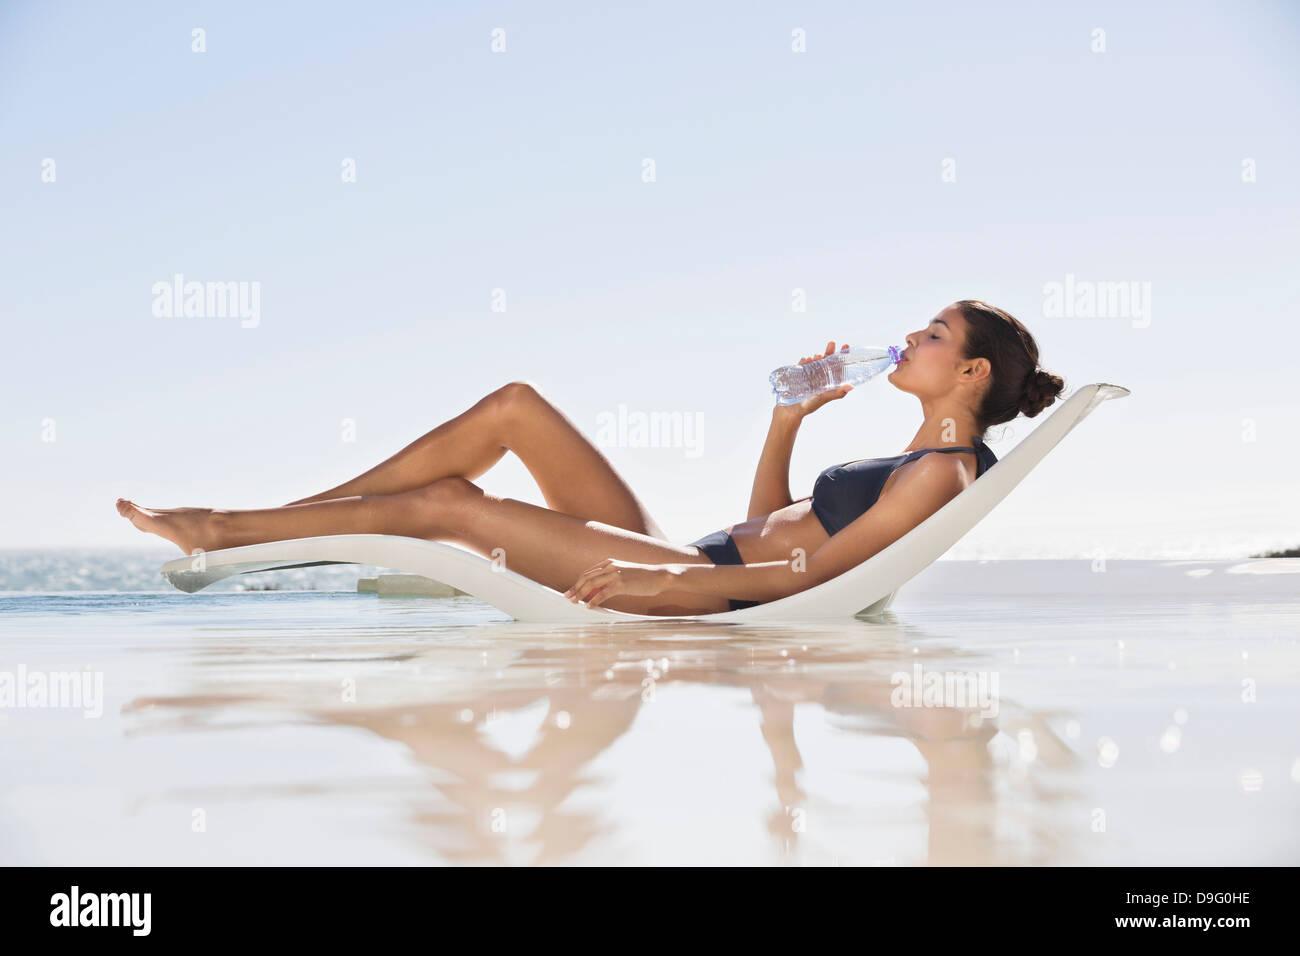 Hermosa mujer de agua potable en la playa Imagen De Stock